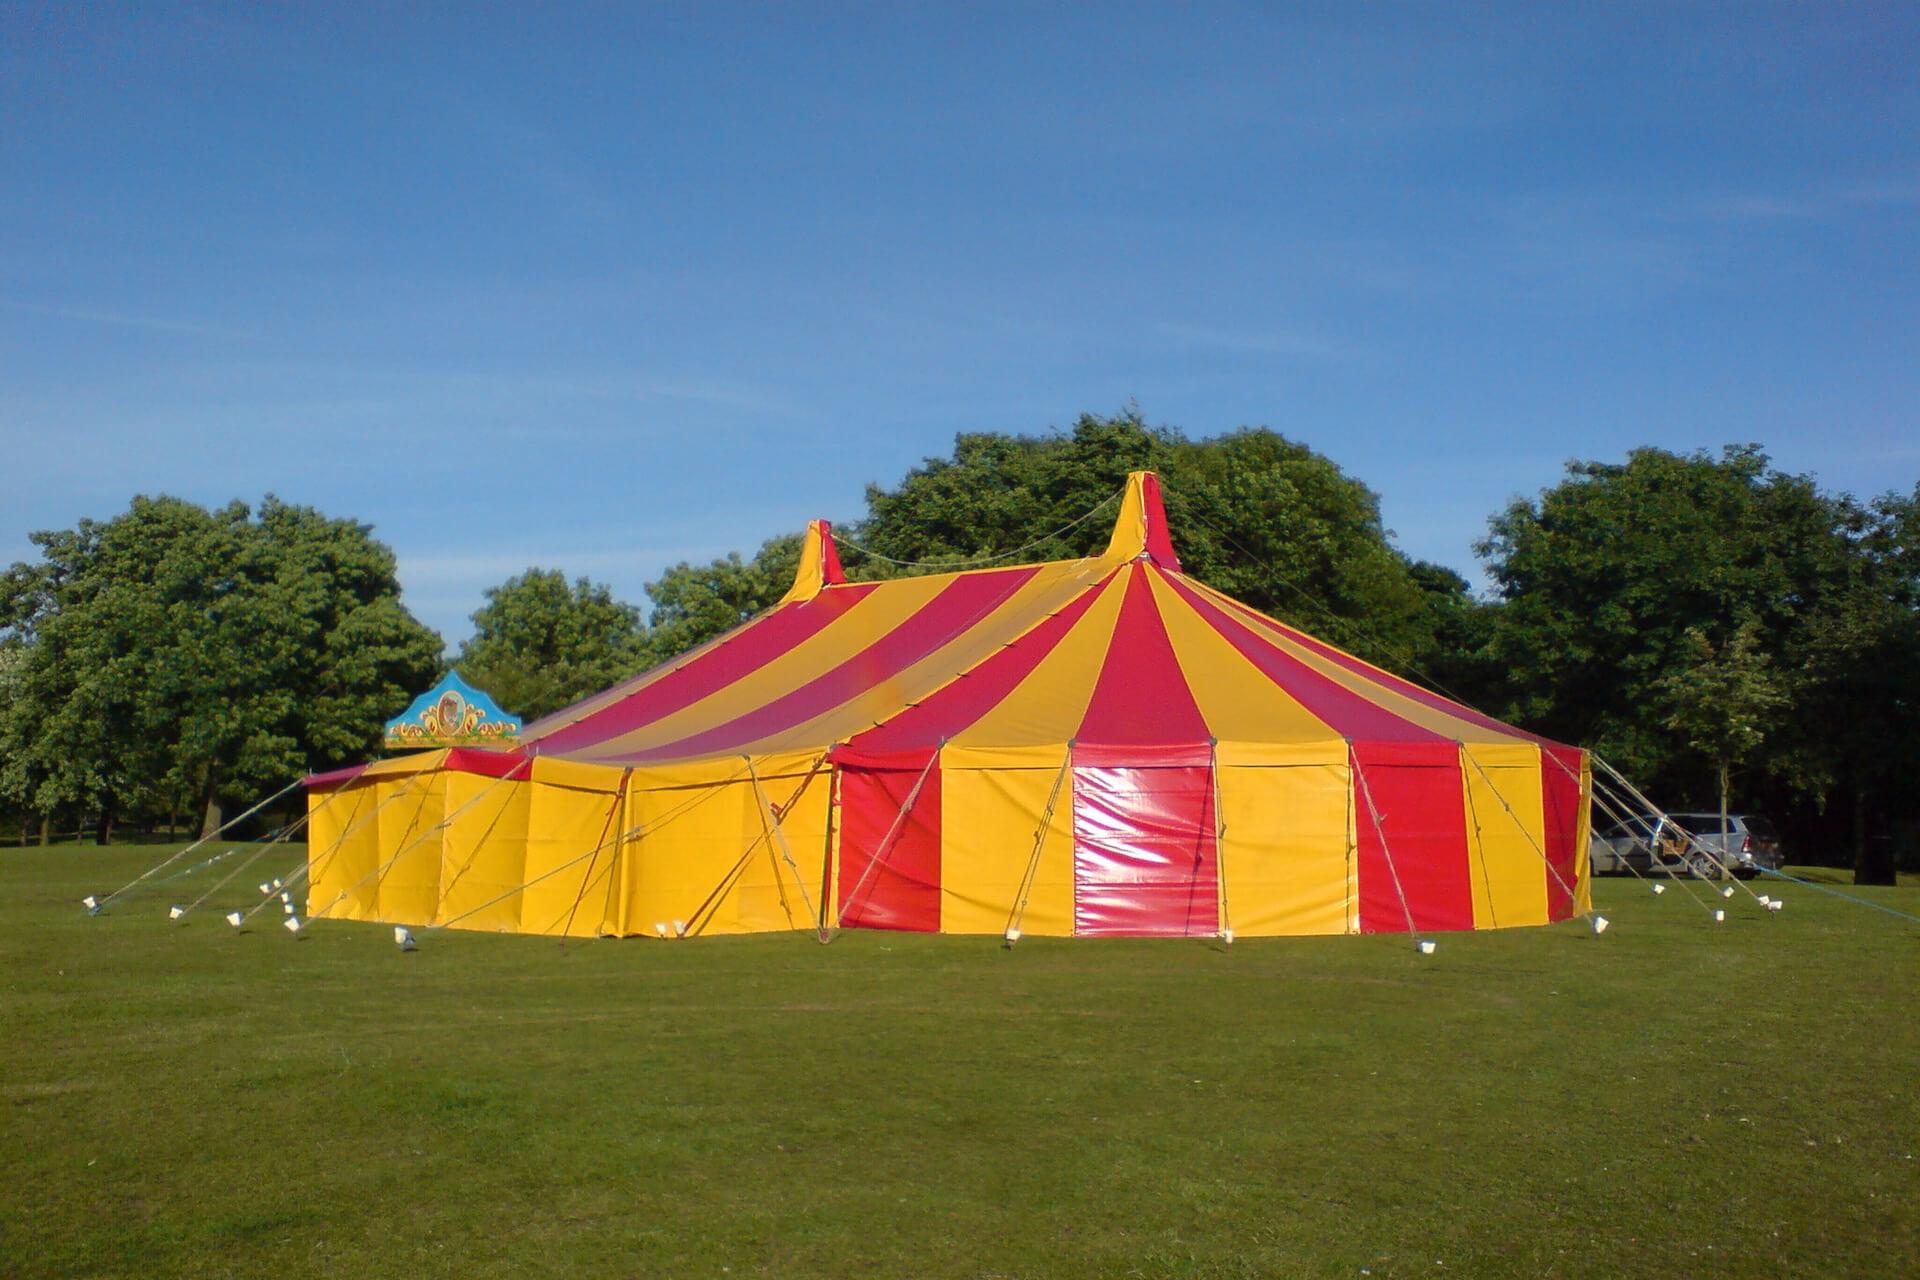 Bigtopmania pop up circus tent